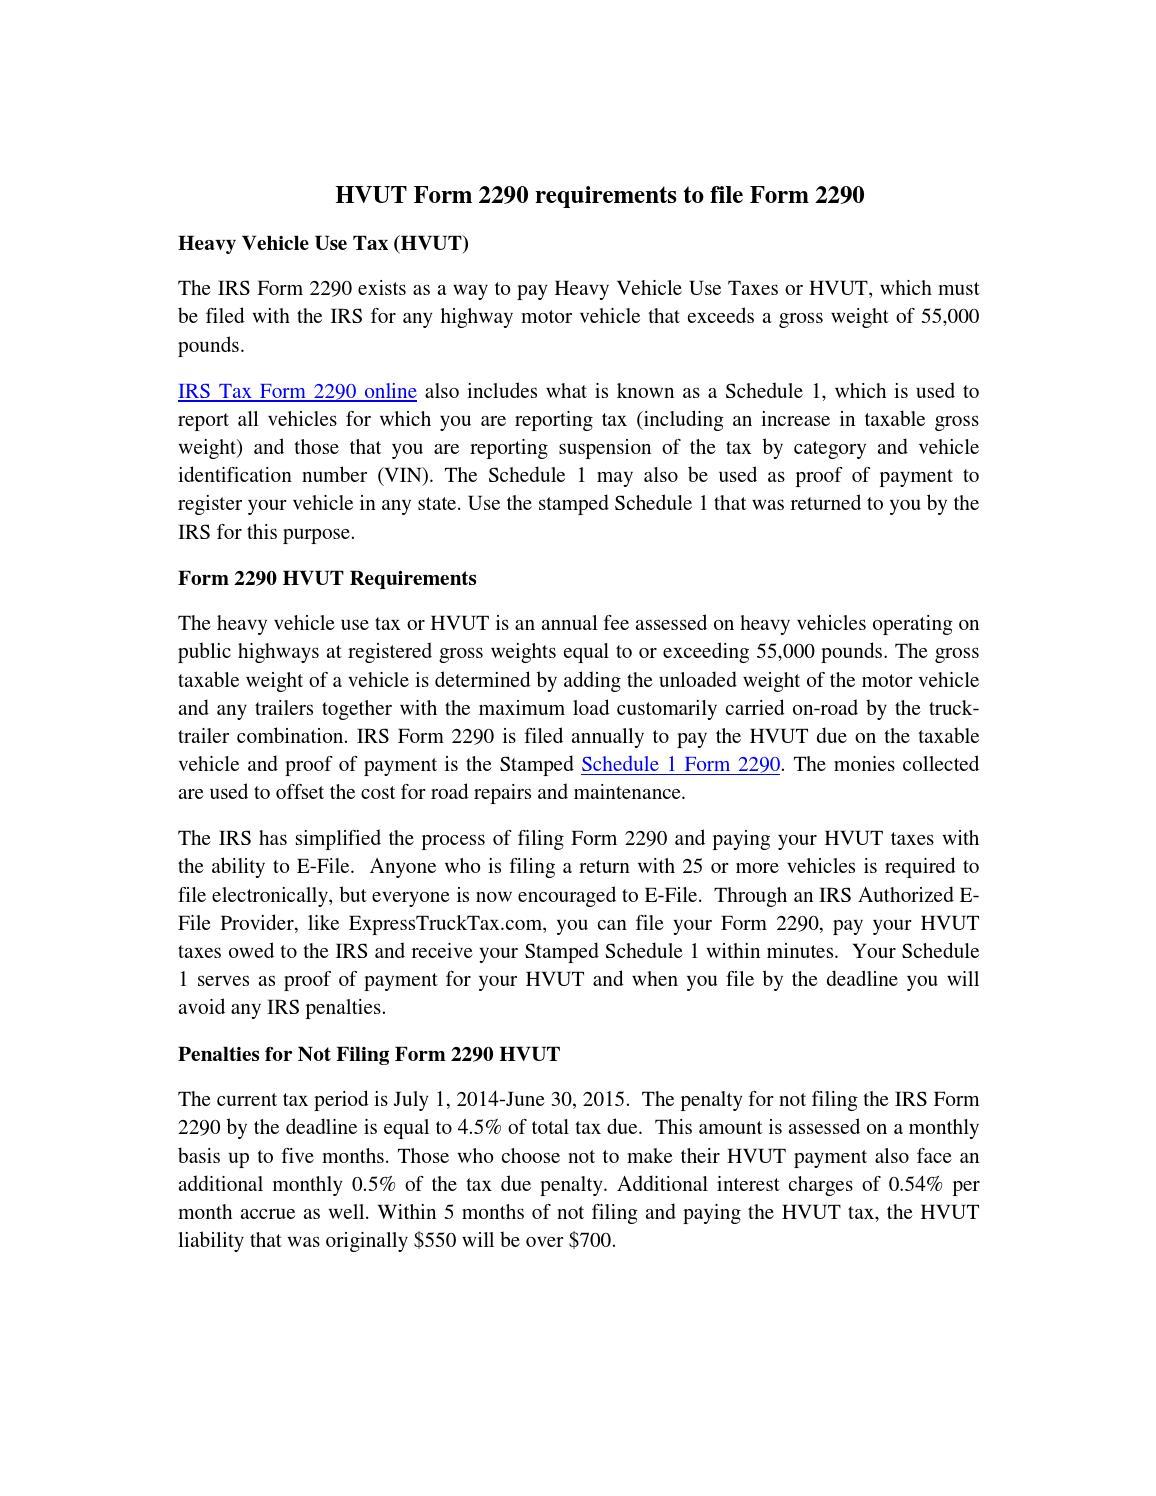 File Tax Form 2290